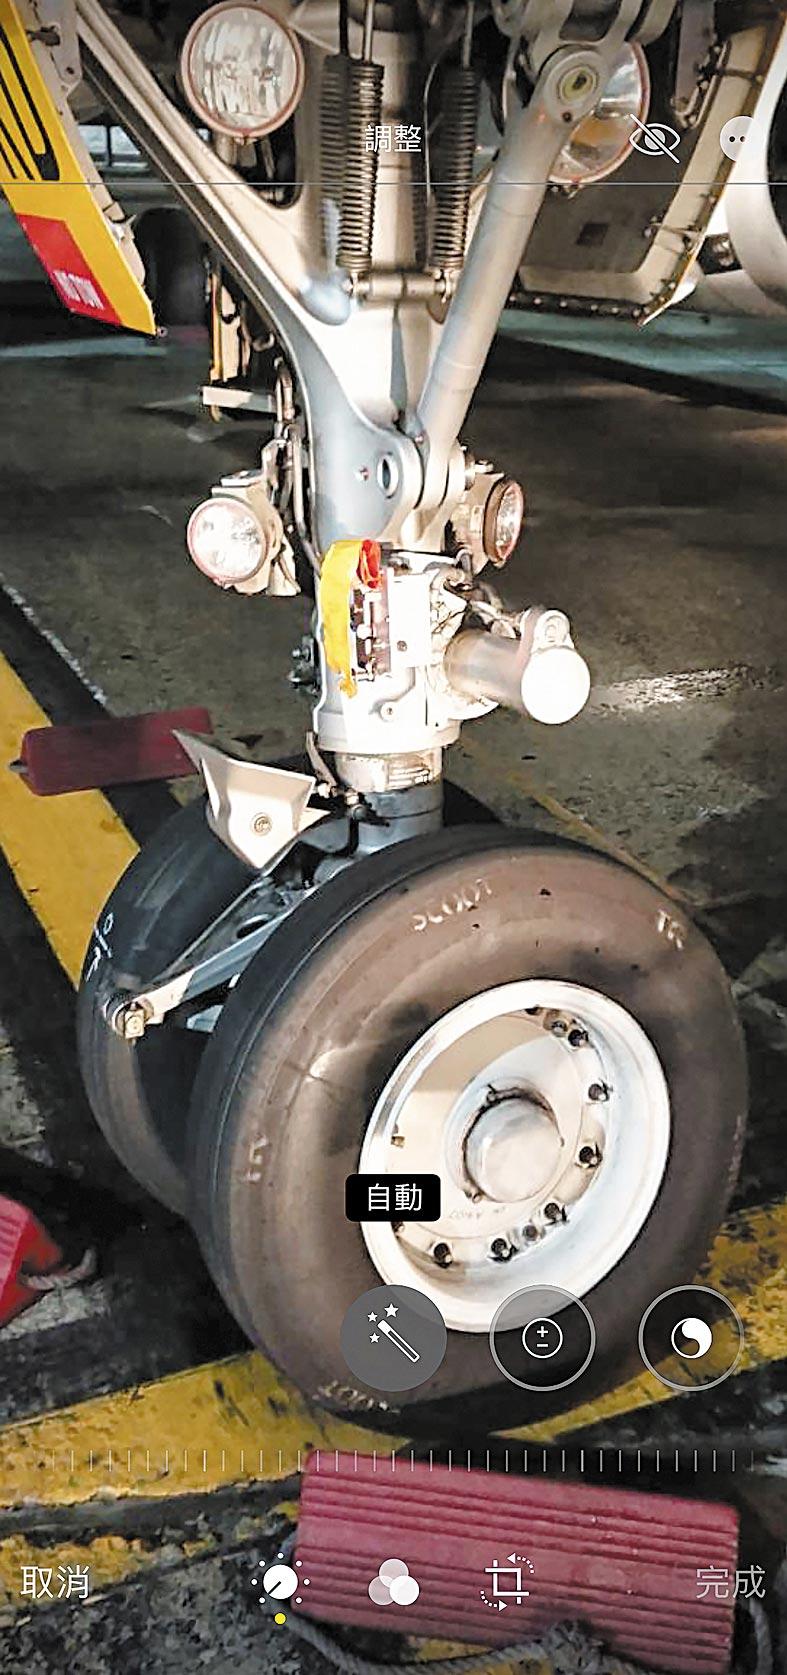 酷航一架從桃園機場飛往新加坡的班機,24日起飛前遭桃園國際機場地勤拖車撞傷飛機鼻輪,飛機經整修,在確定安全無虞後,26日恢復航行。(中央社)